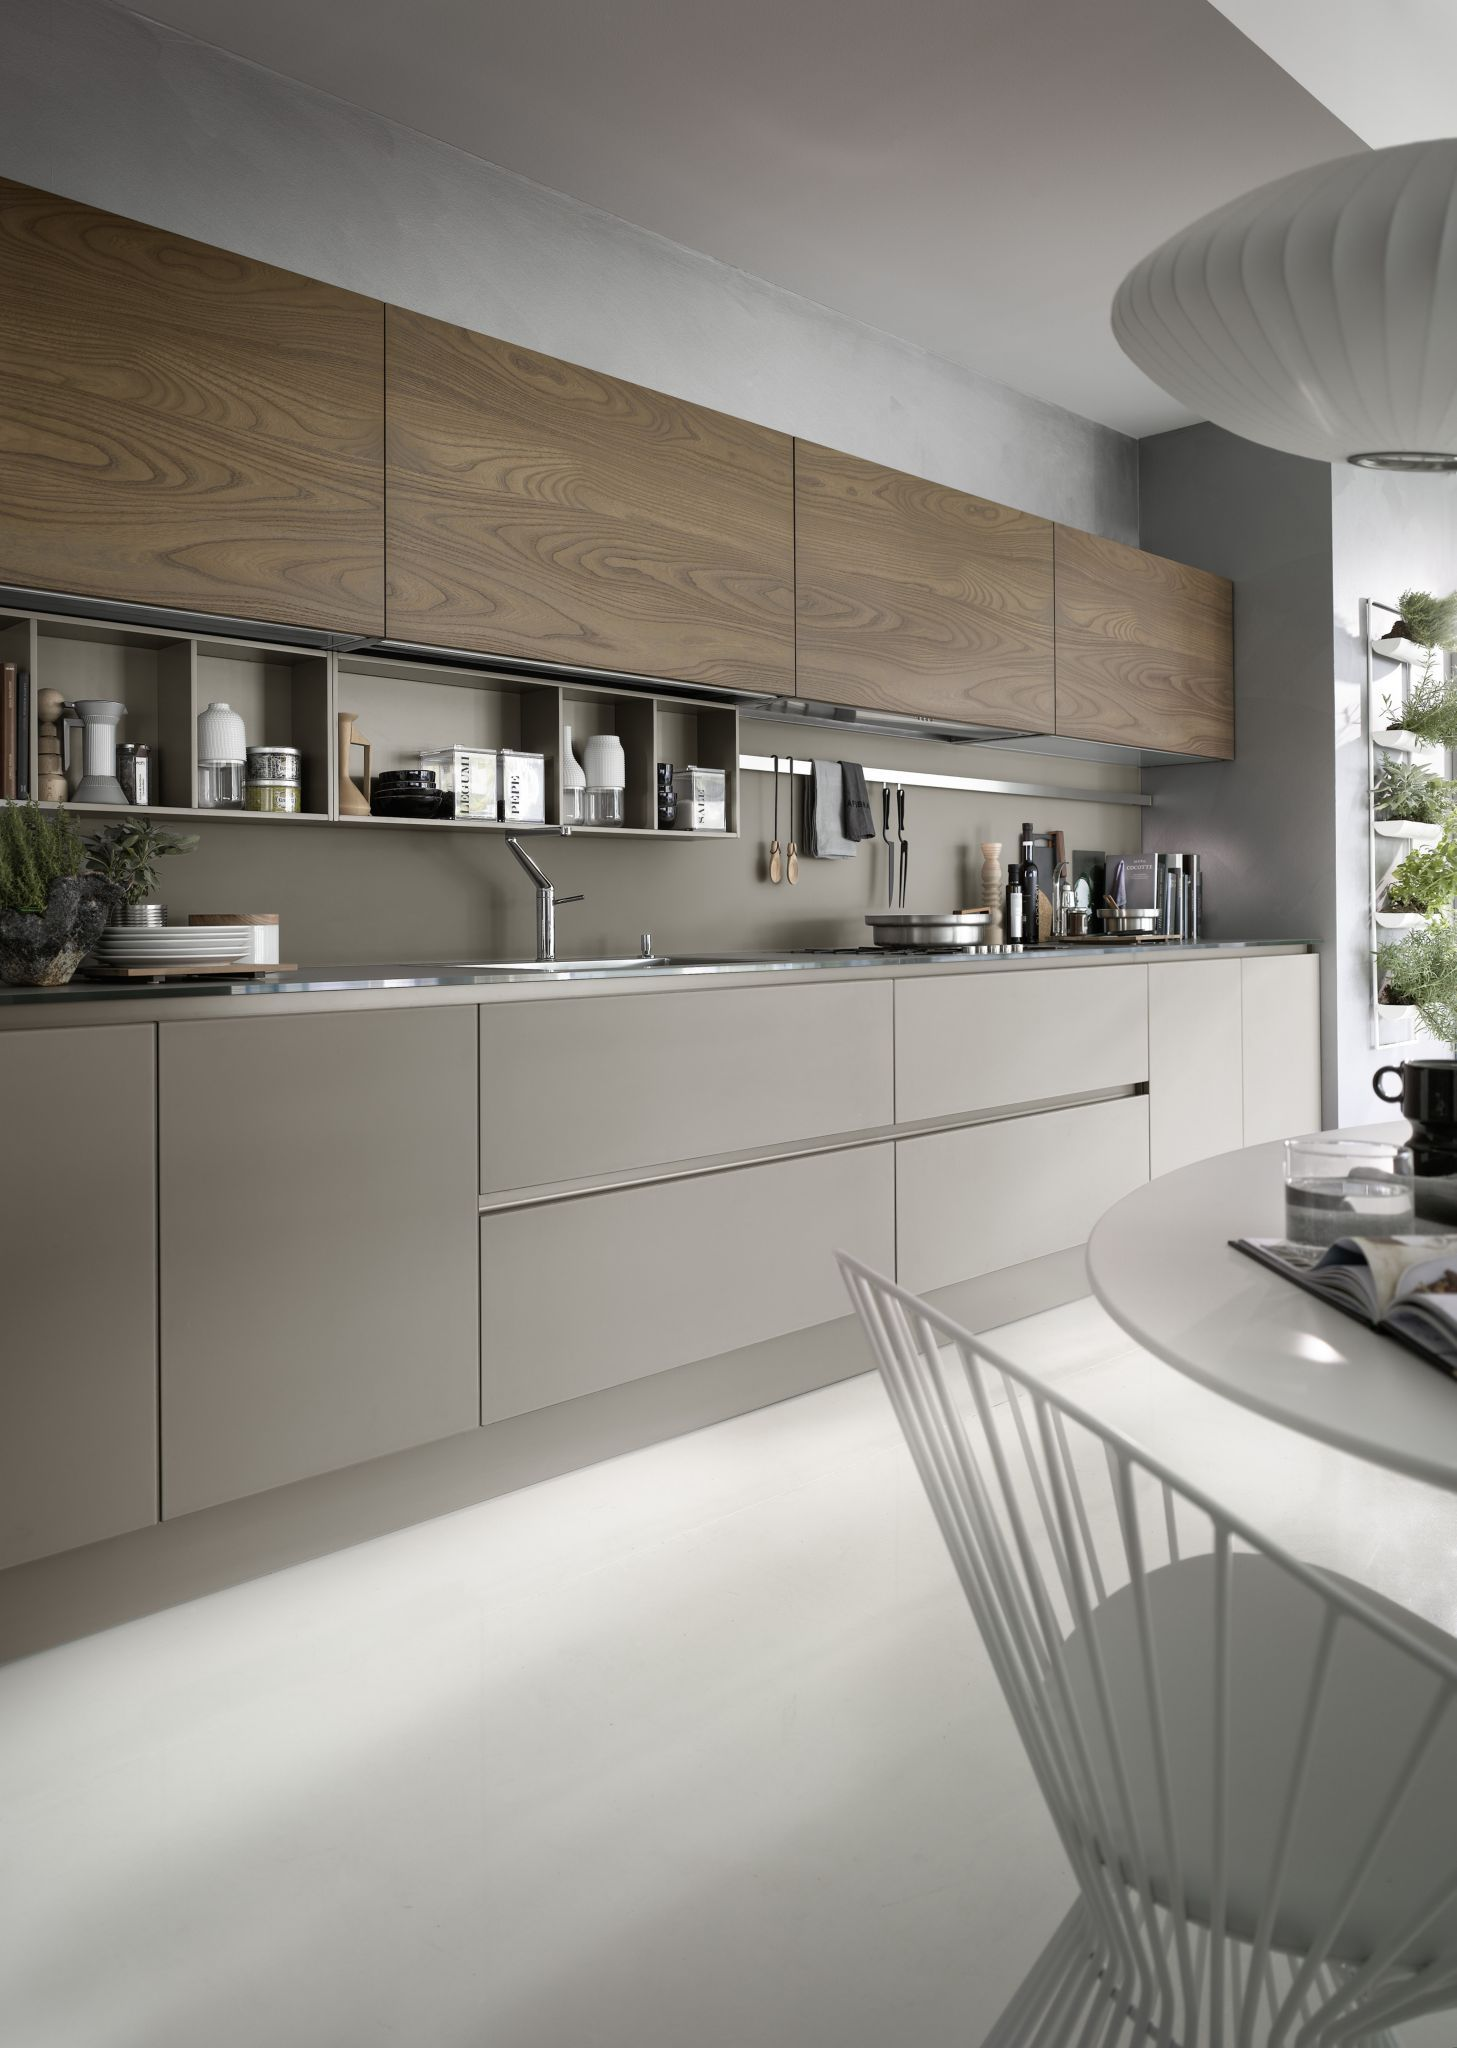 Design Resources   Luxe Interiors + Design